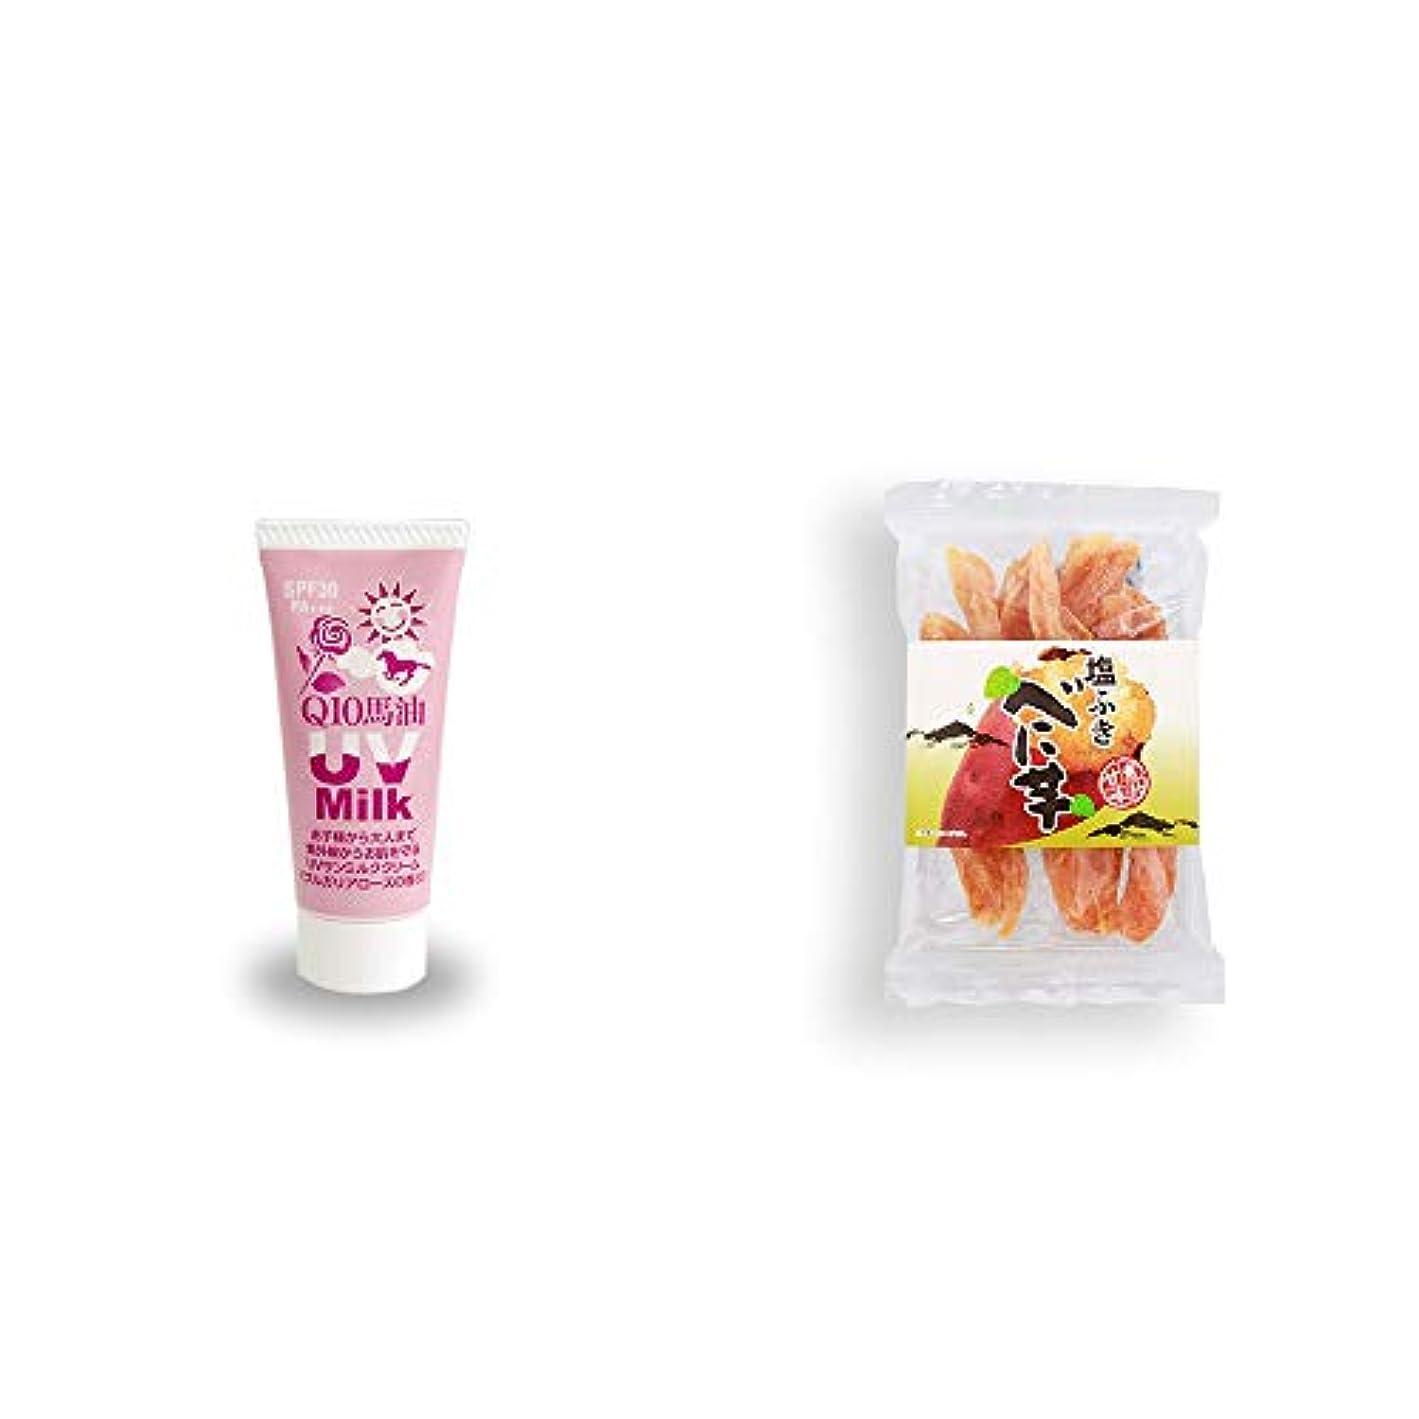 権限ブレーキ薄い[2点セット] 炭黒泉 Q10馬油 UVサンミルク[ブルガリアローズ](40g)?塩ふき べに芋(250g)